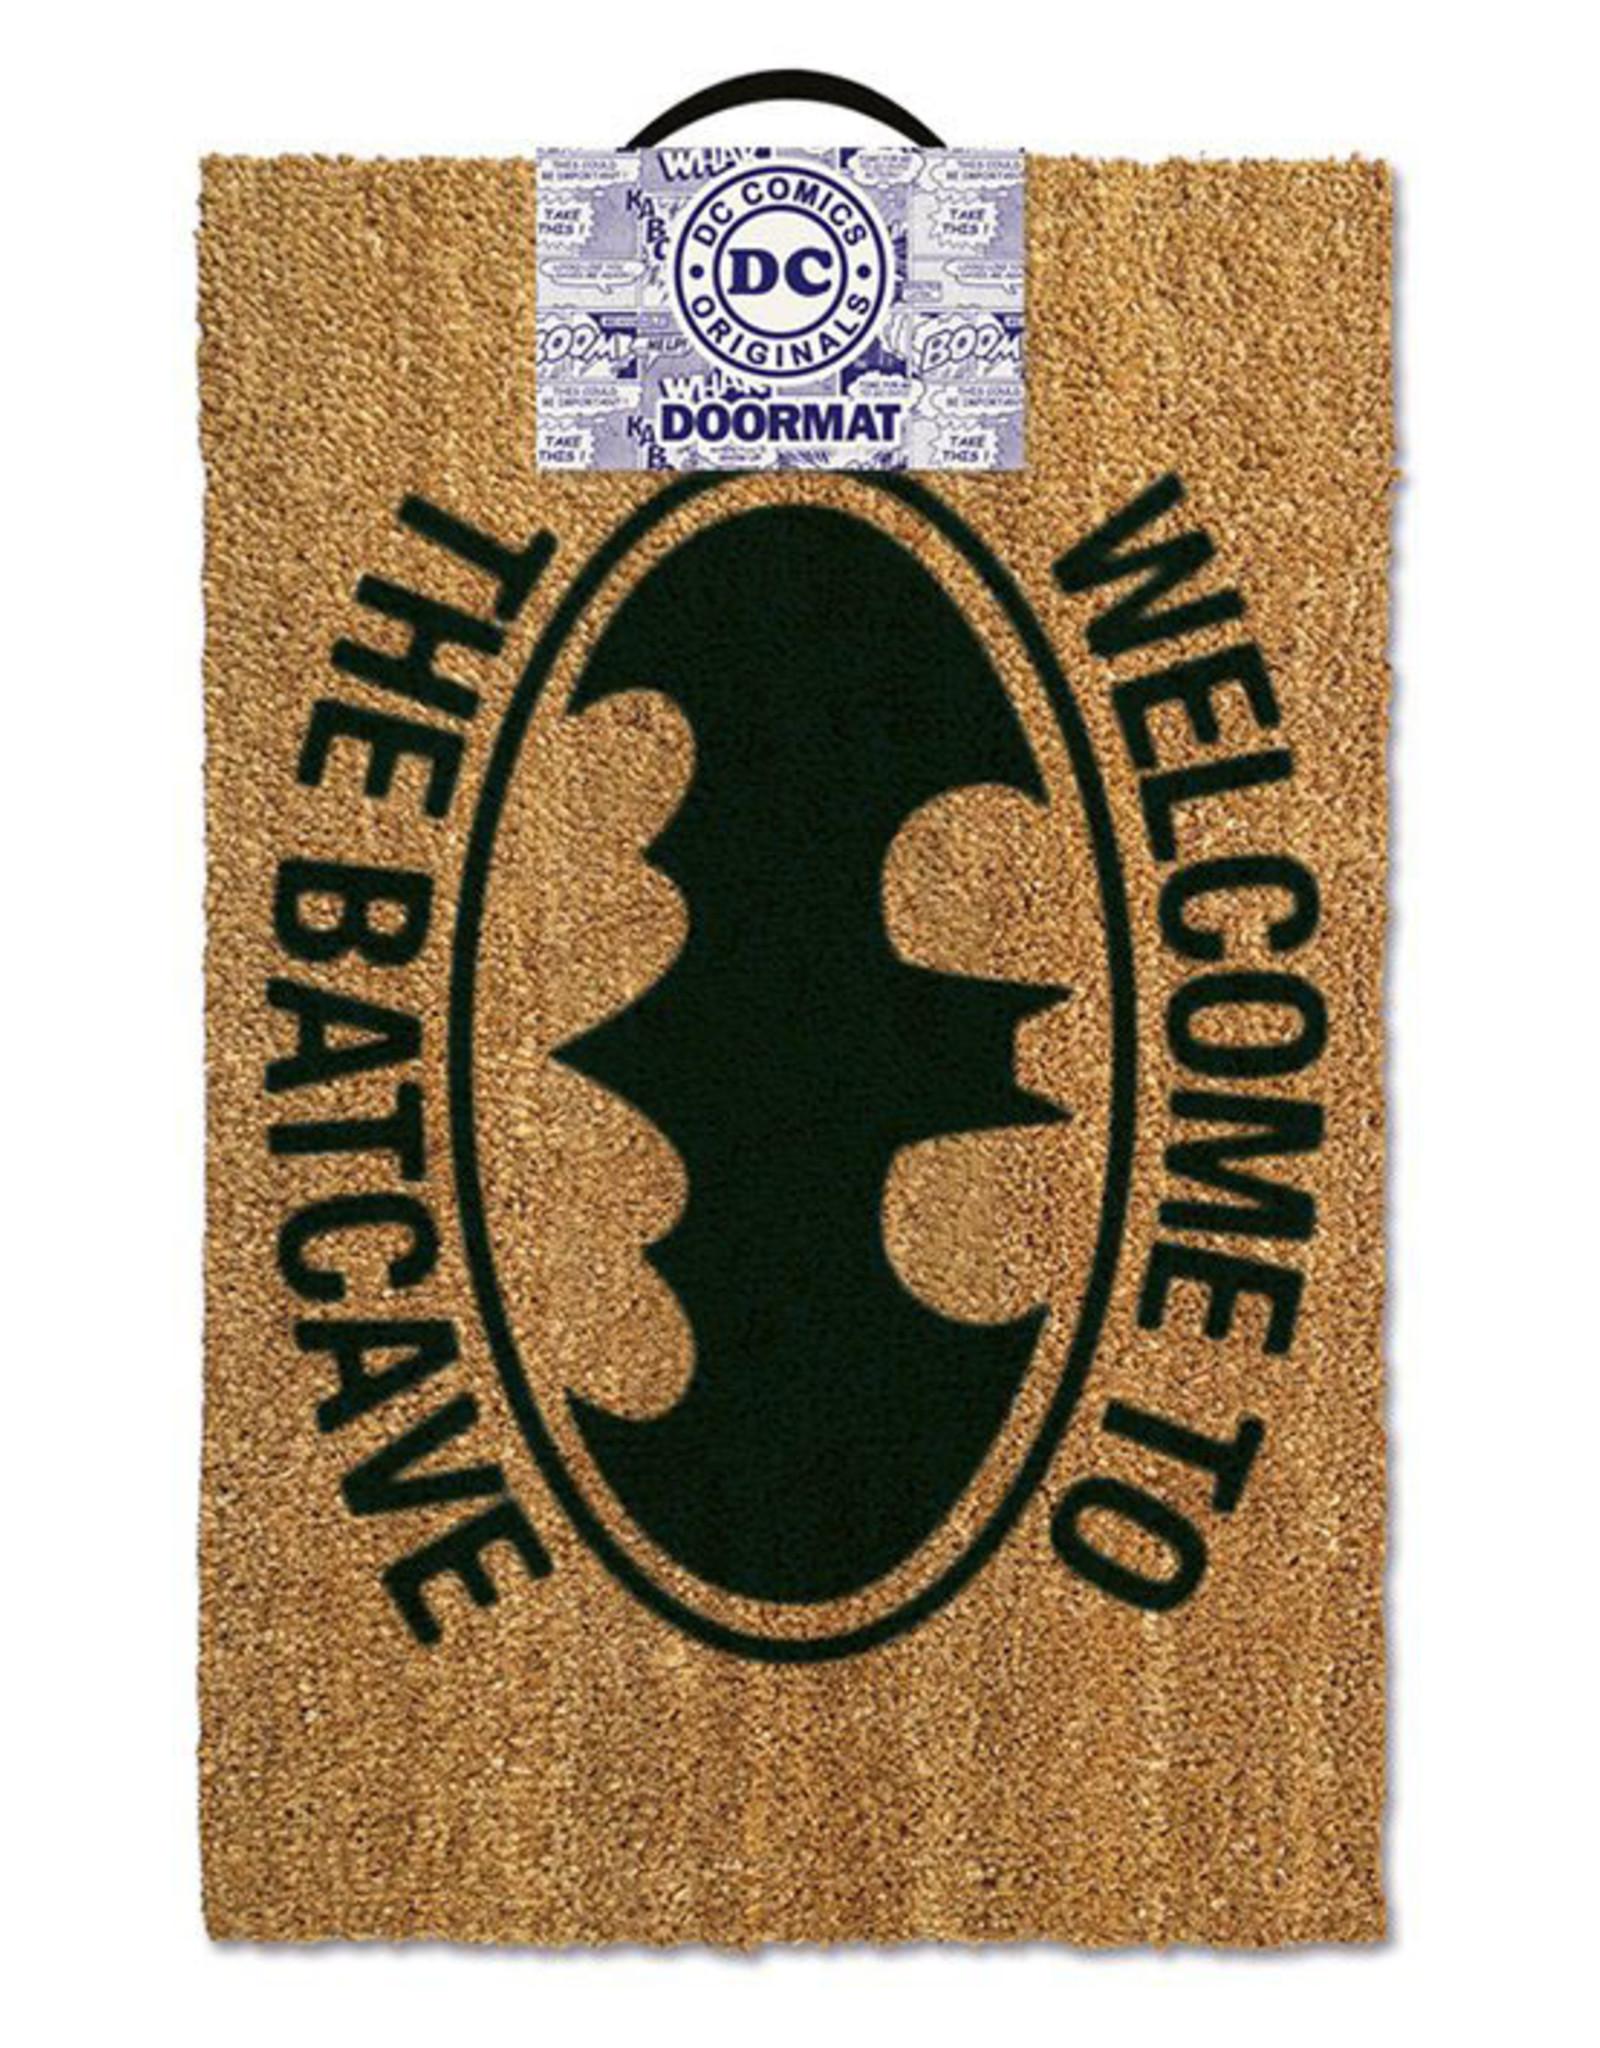 BATMAN Doormat 40x60 - Welcome to the Batcave